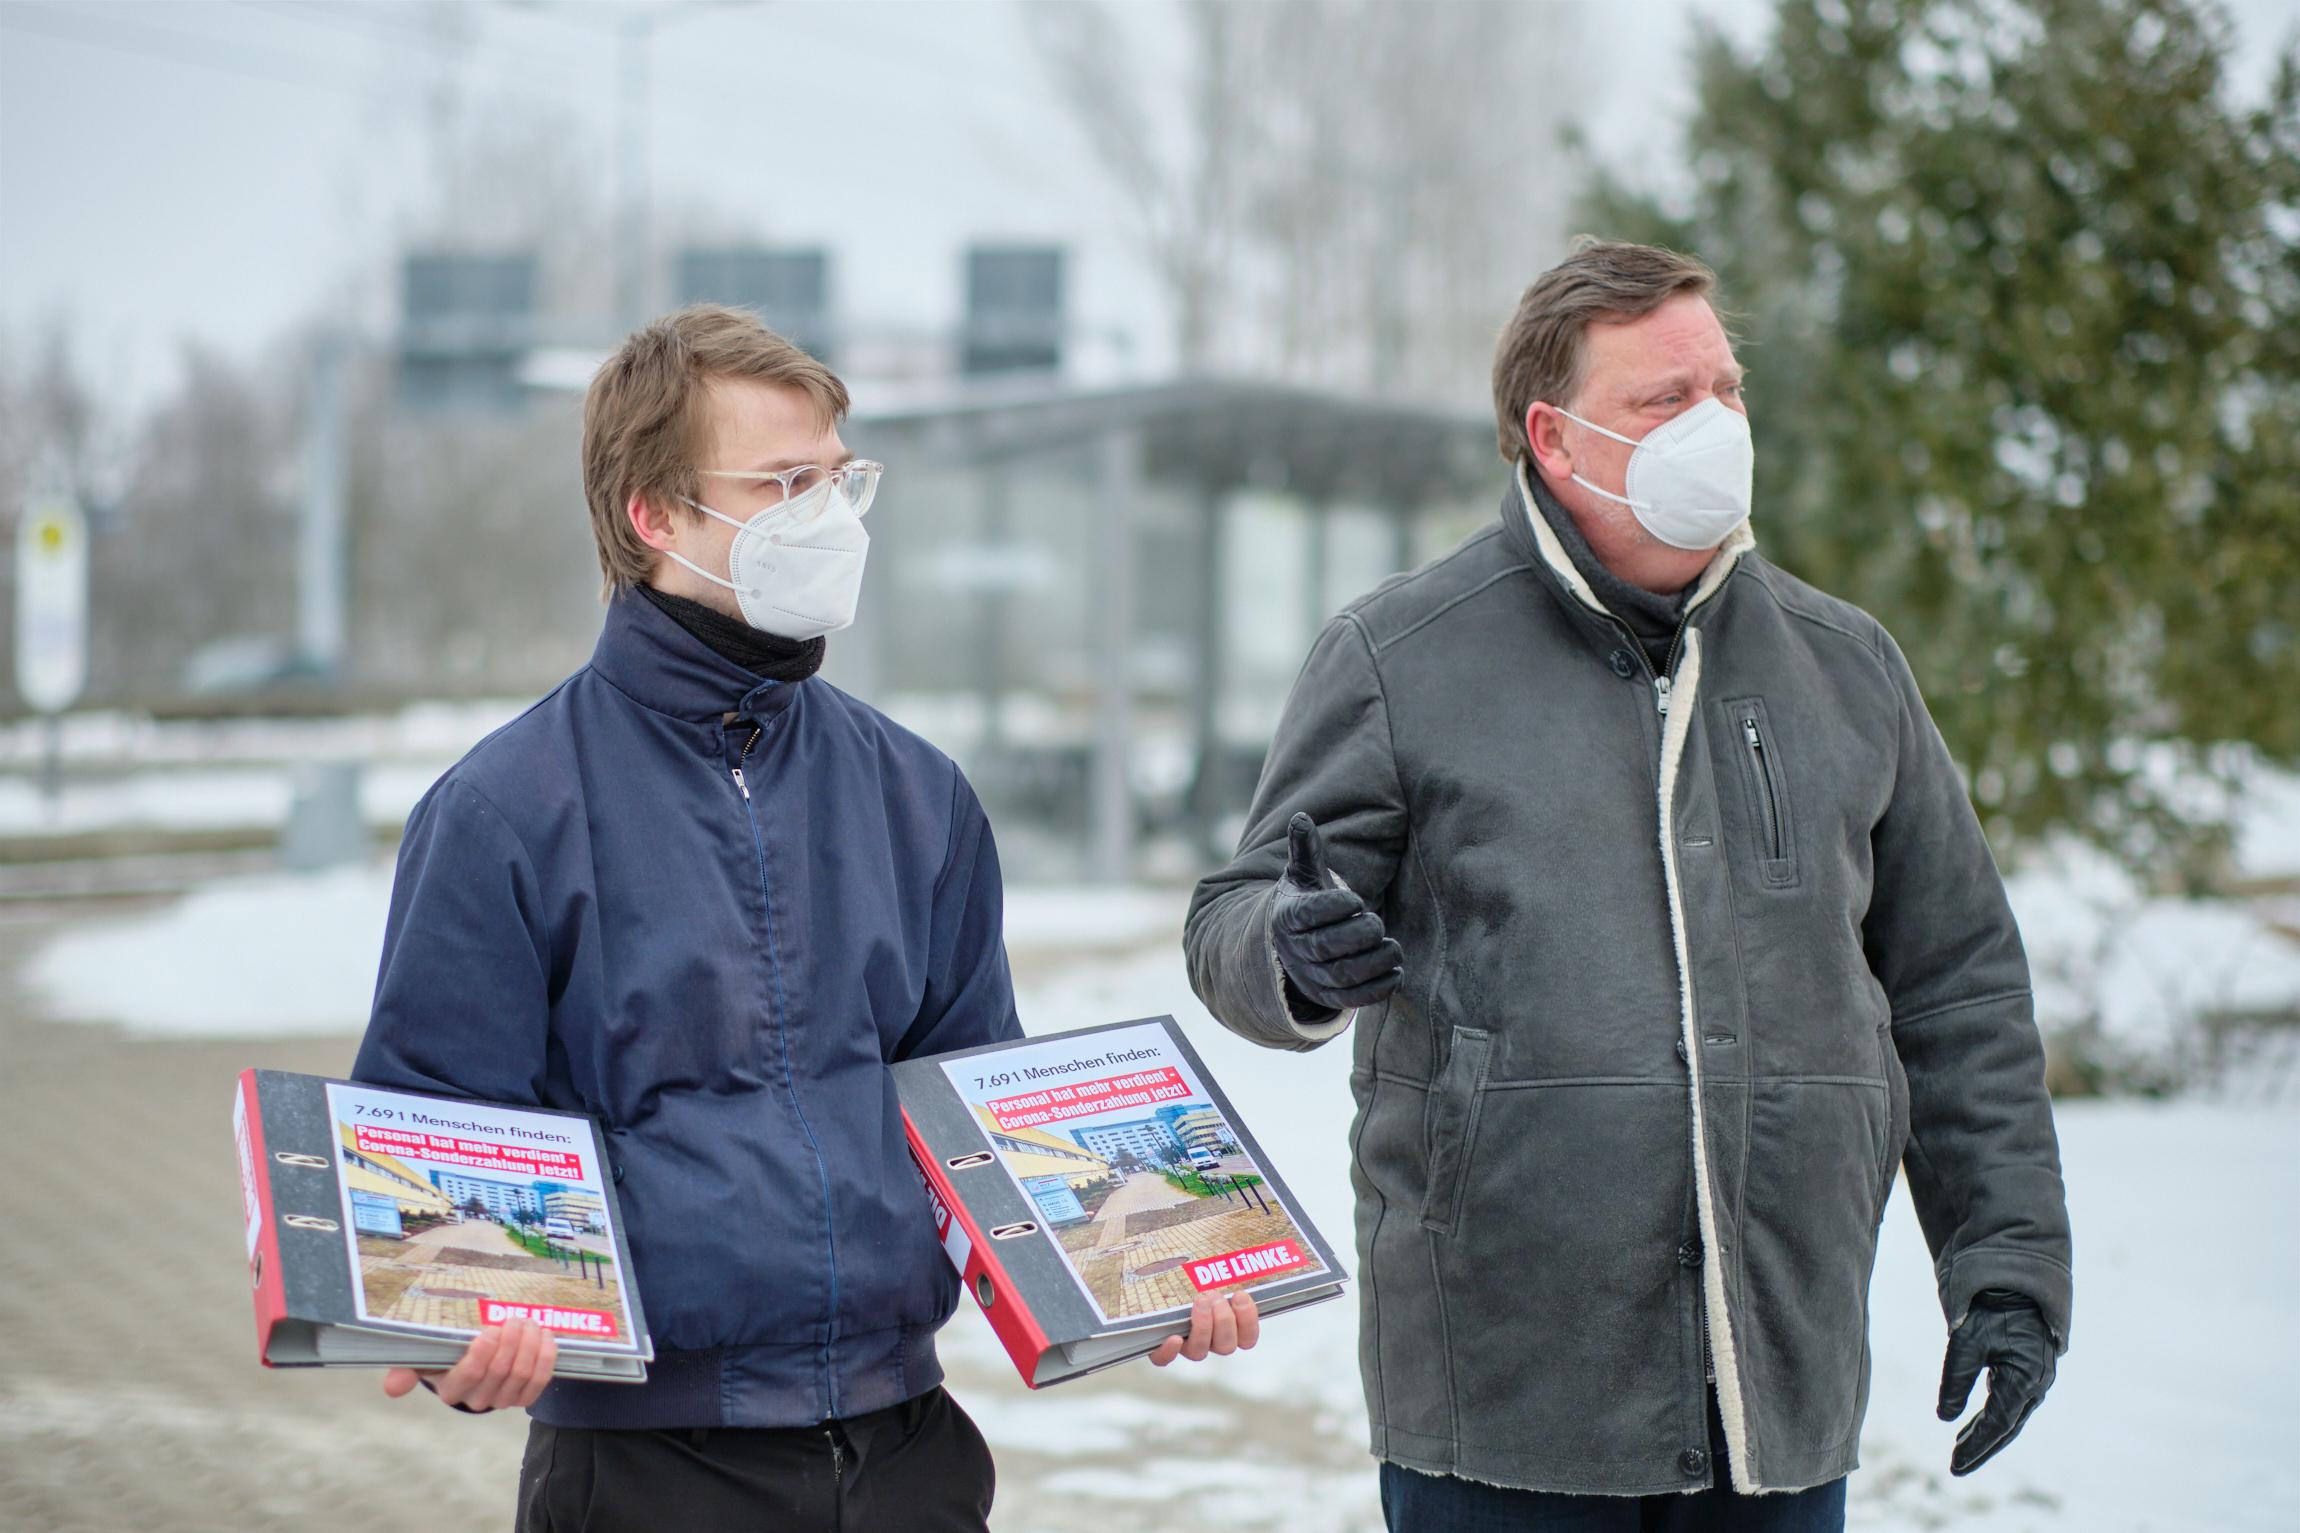 Stefan Kunath hält die Ordner mit allen Unterschriften der Petition im Beisein von Frank Ploss, stellvertretender Bezirksgeschäftsführer bei verdi